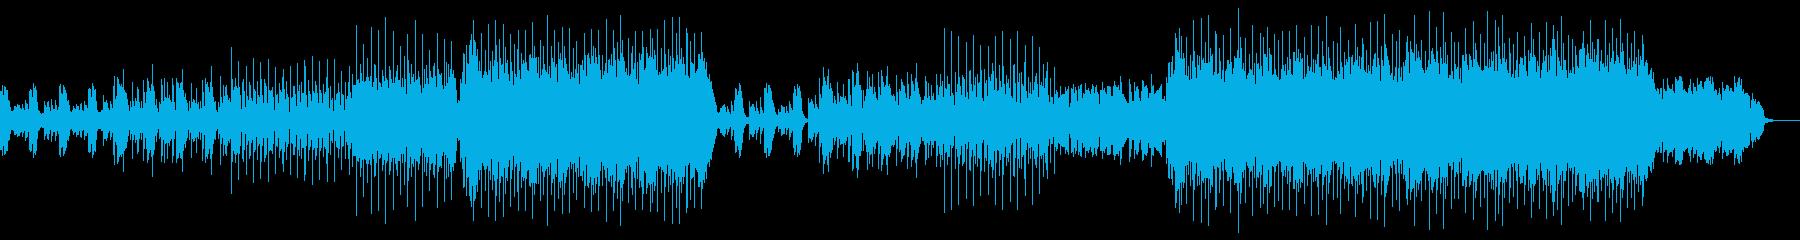 洋楽ポップス1の再生済みの波形